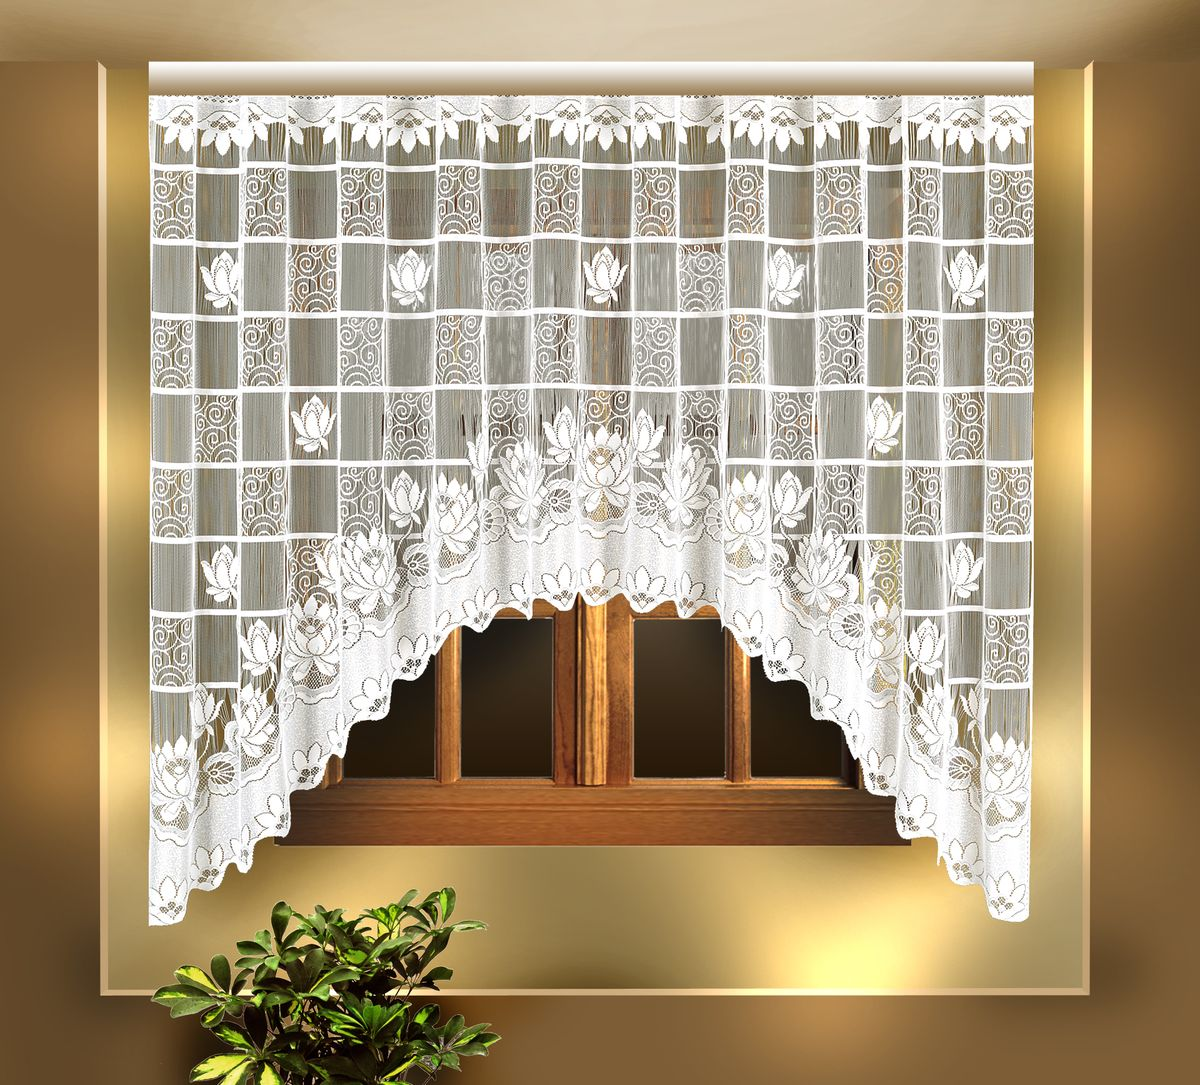 """Воздушная гардина """"Zlata Korunka"""", изготовленная из полиэстера белого цвета, станет  великолепным украшением любого окна. Гардина выполнена в виде арки и декорирована  цветочным узором.  Тонкое плетение и оригинальный дизайн привлекут к себе внимание и органично впишутся в  интерьер. Верхняя часть гардины не оснащена креплениями."""